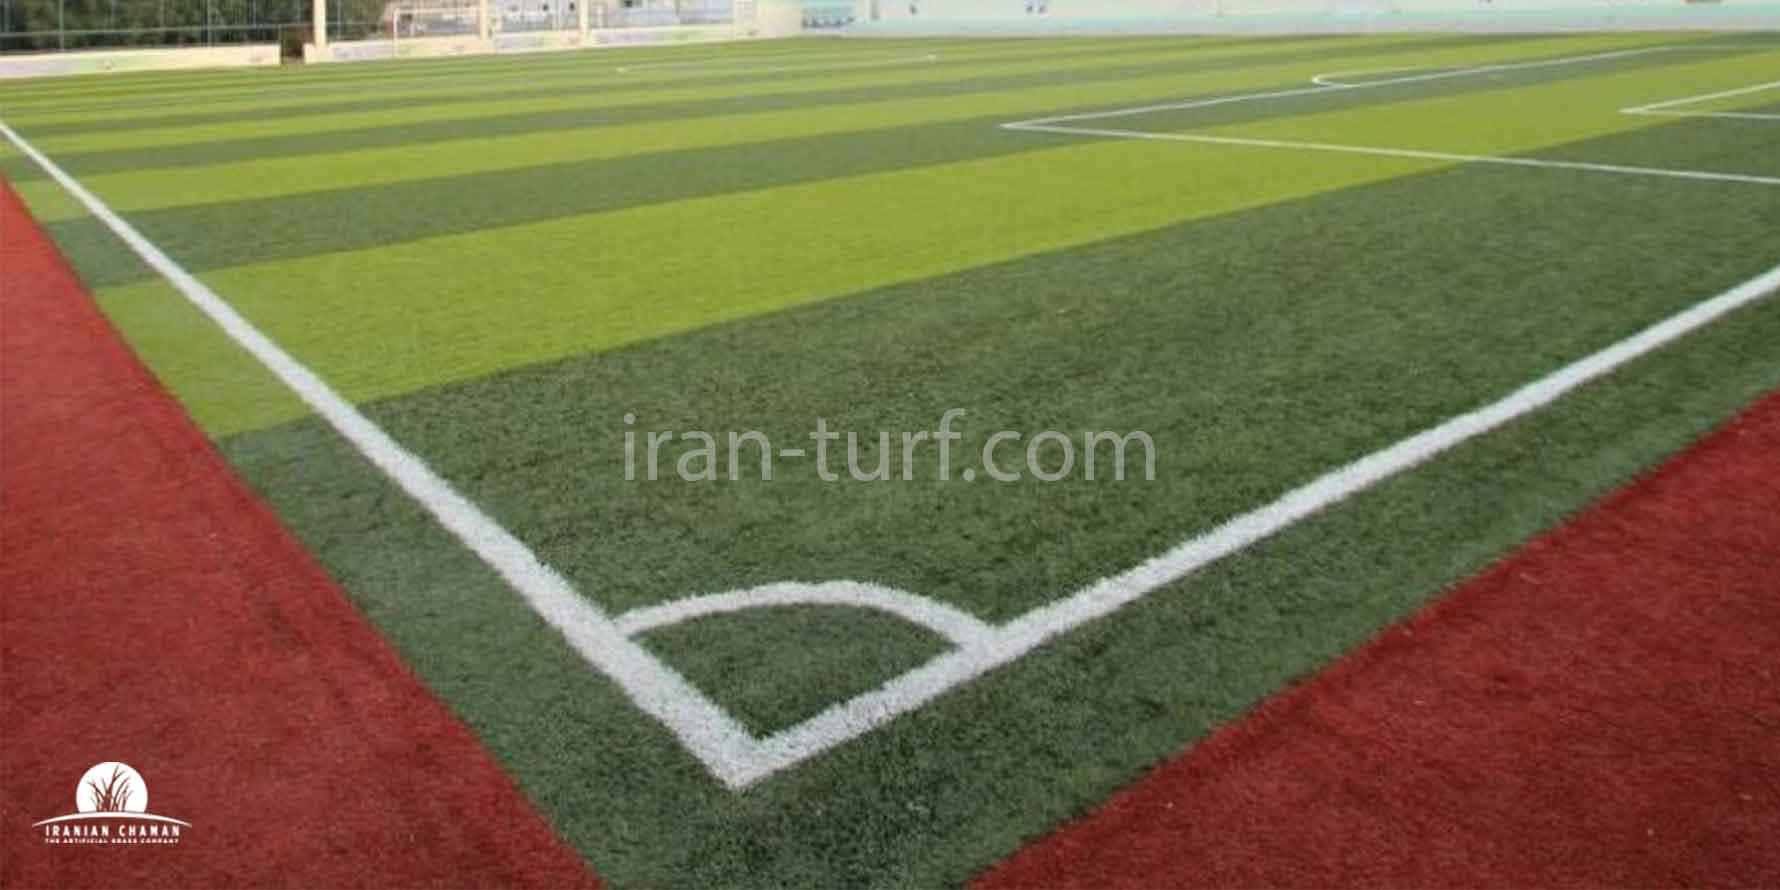 چمن مصنوعی برای زمین فوتبال